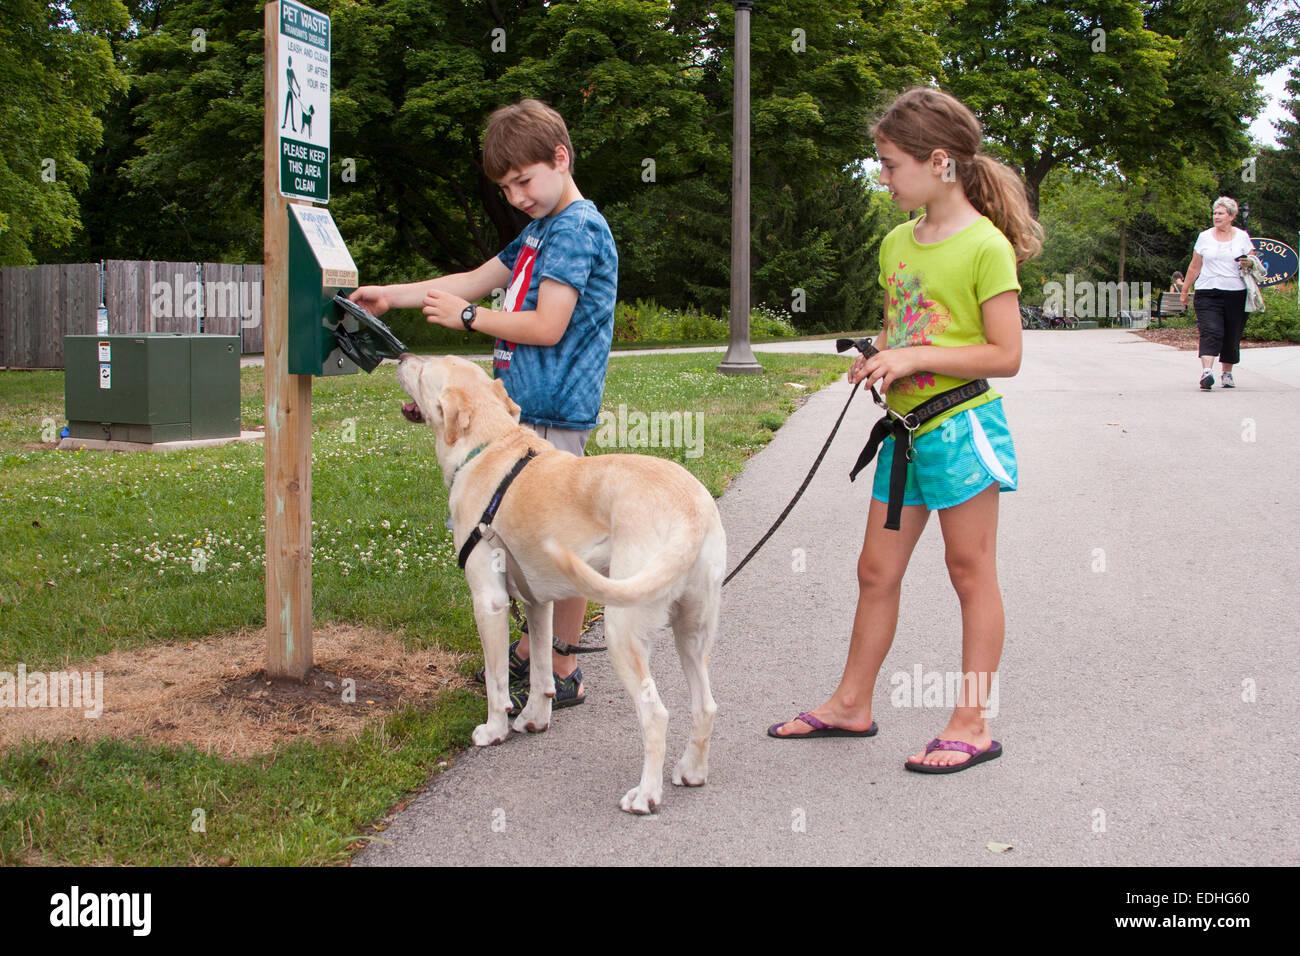 Dog Poop While Walking